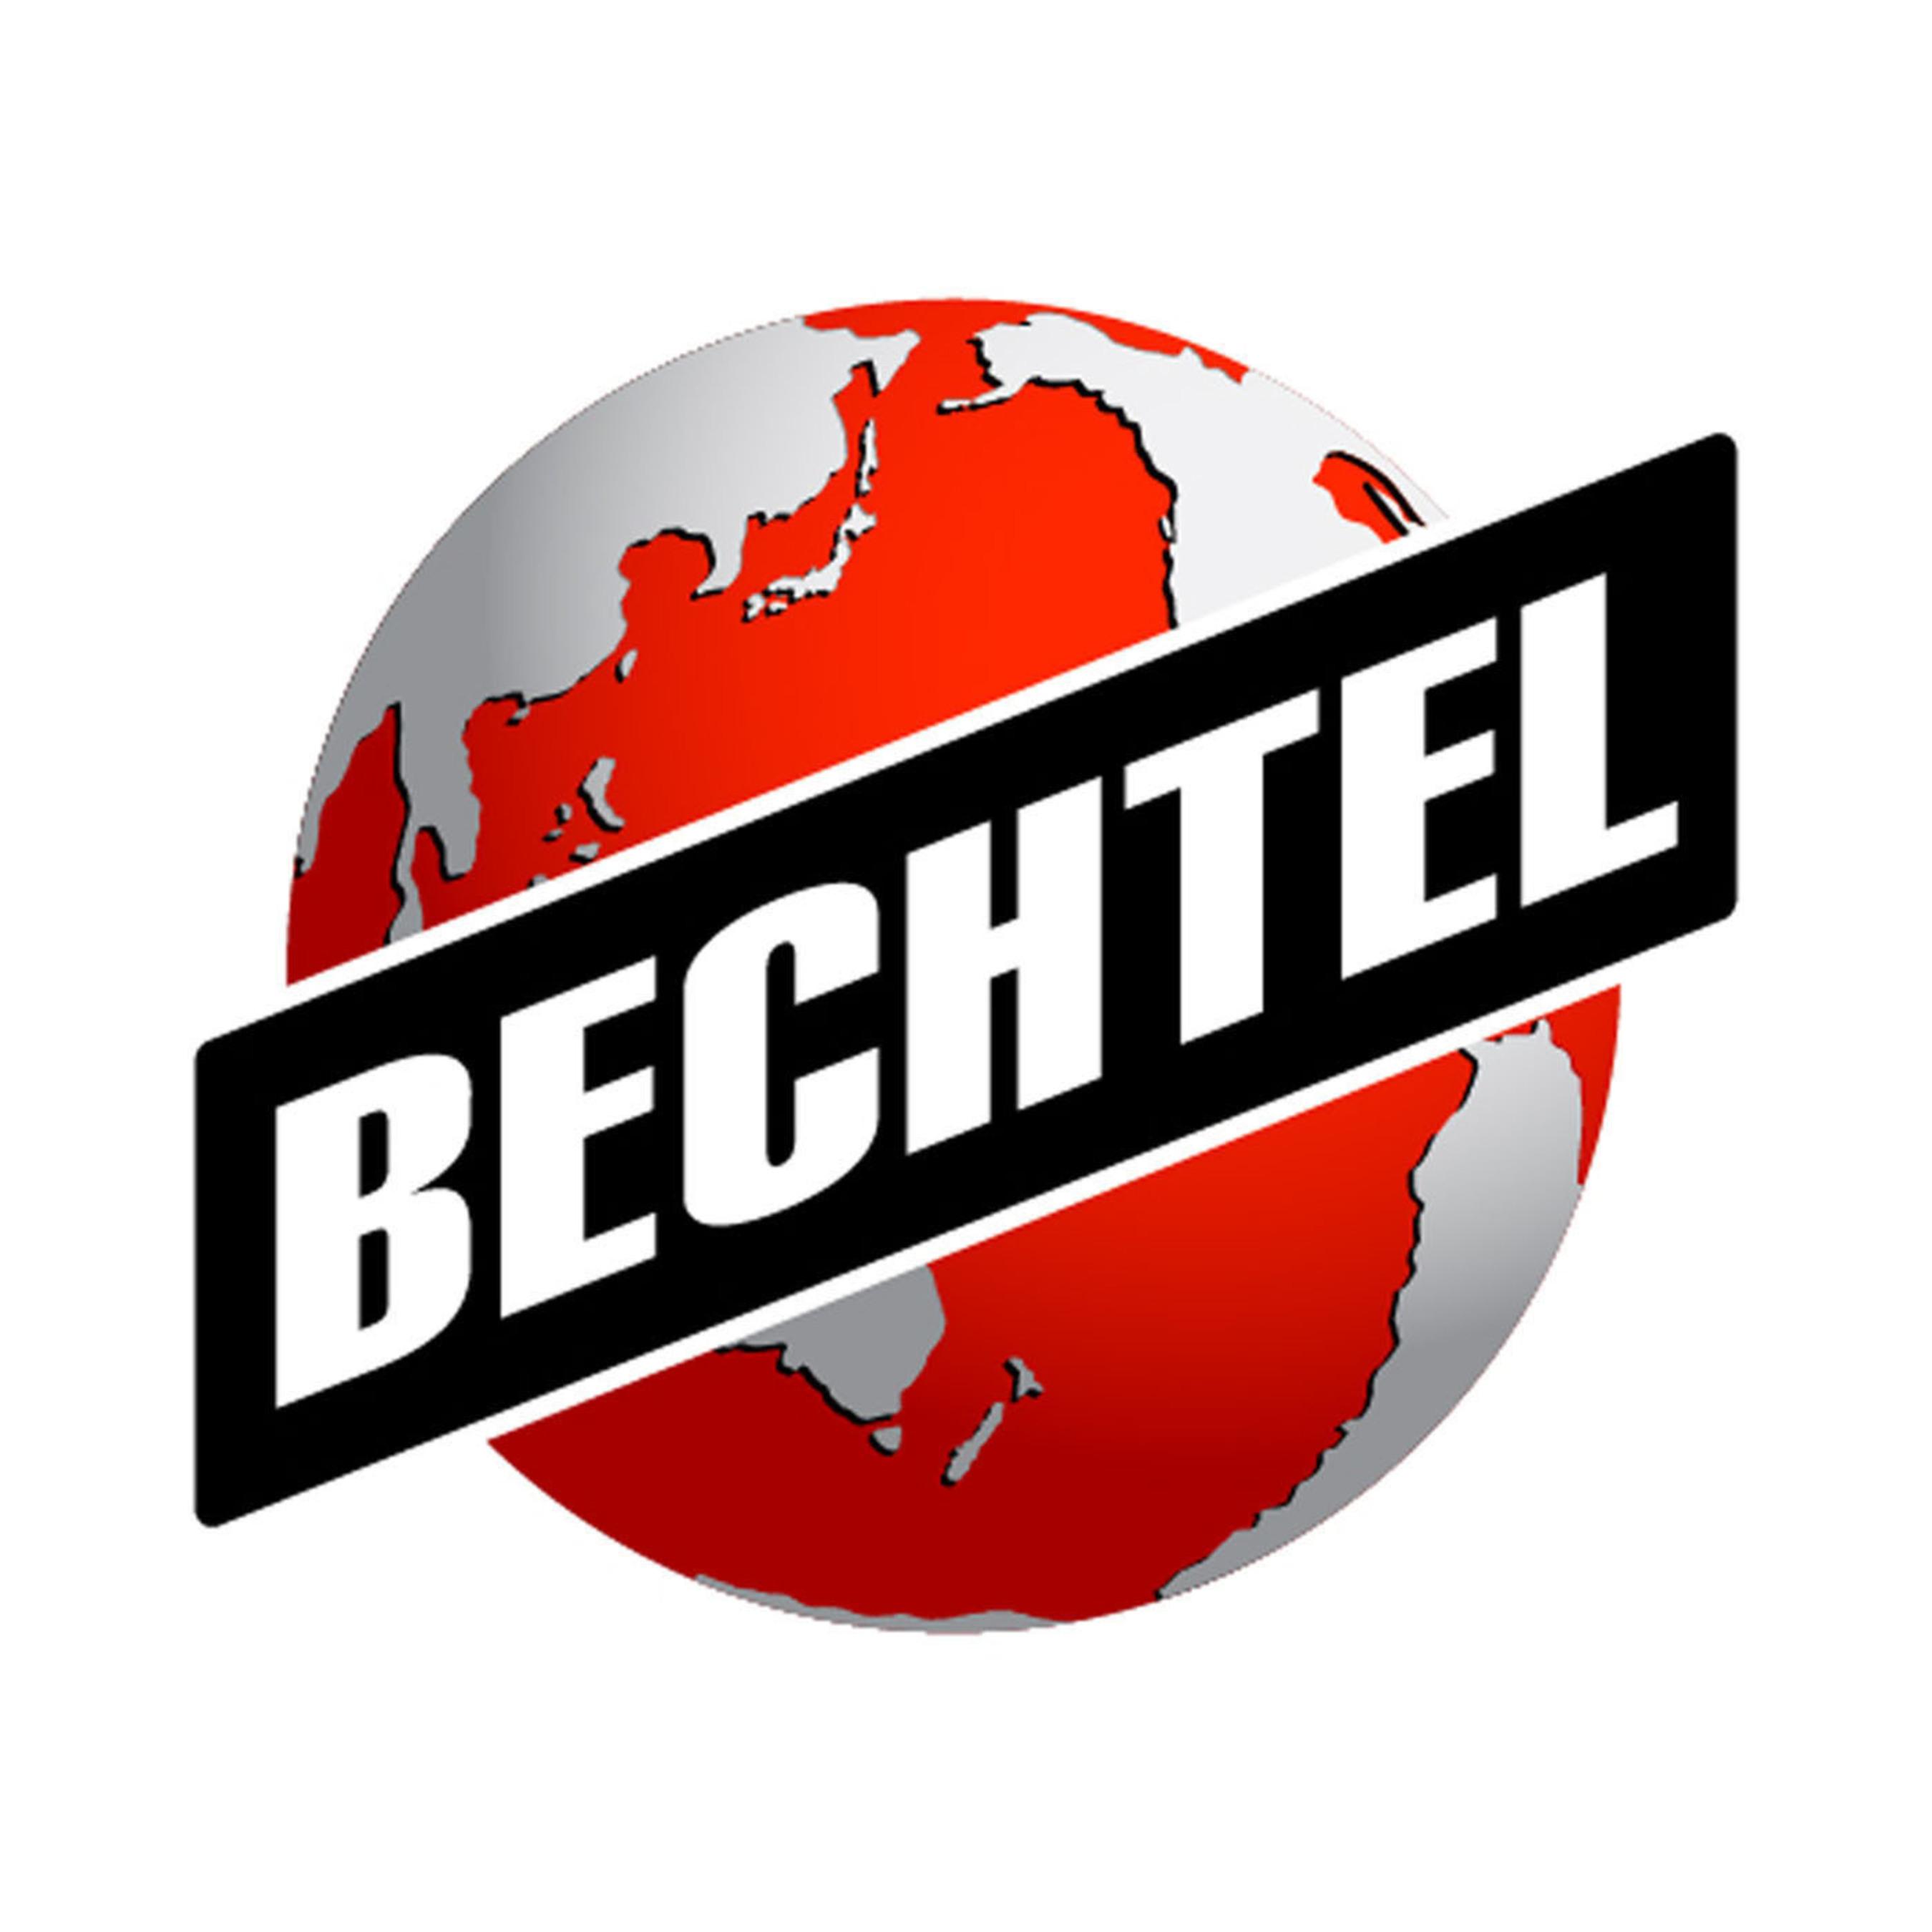 bechtel.com